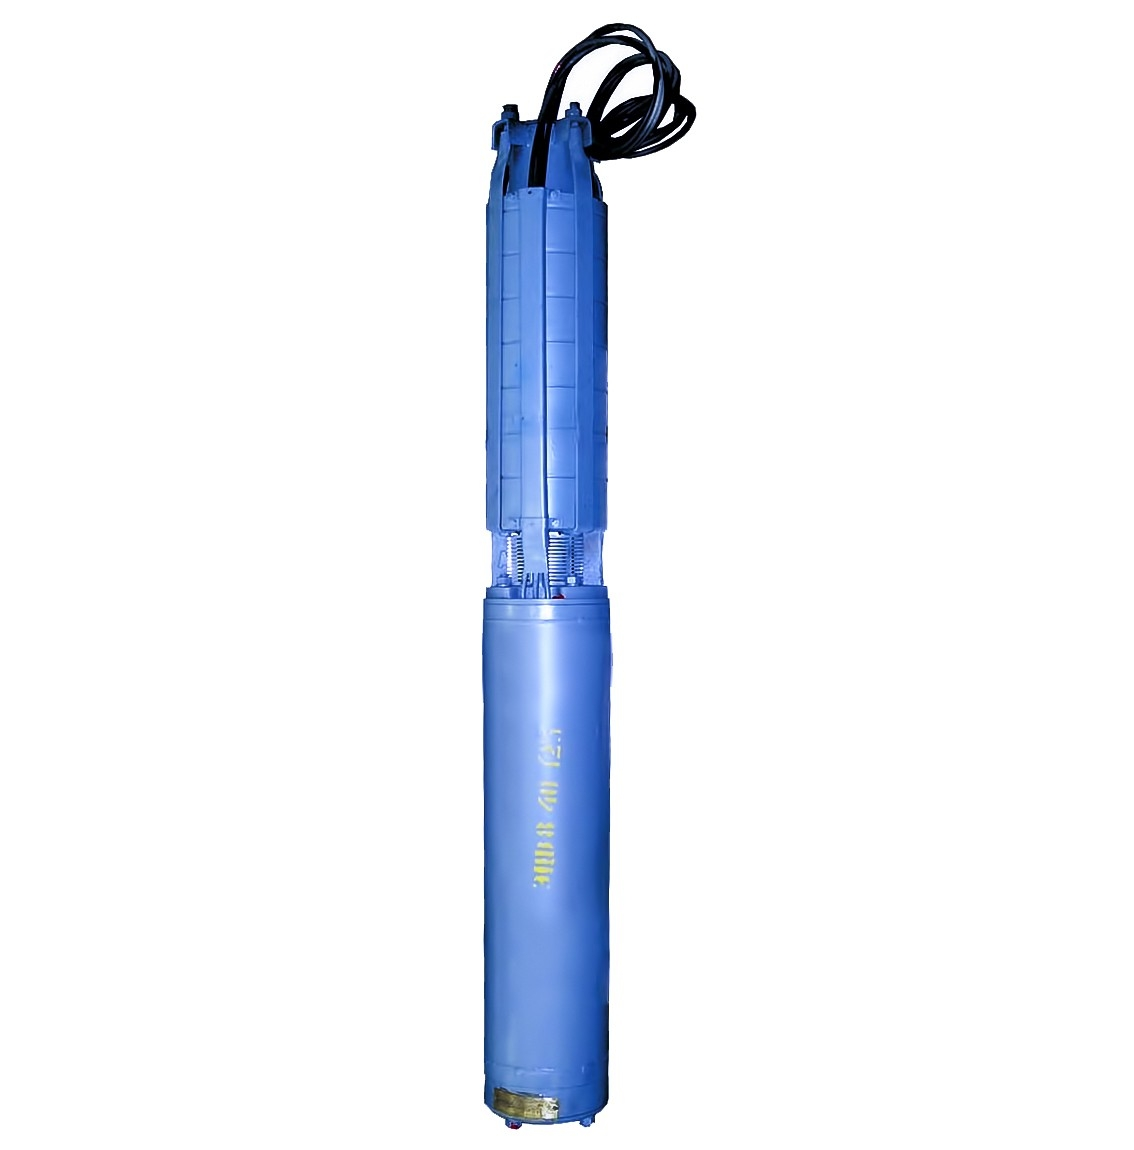 Погружной насос ЭЦВ 6-6,5-75 армлен